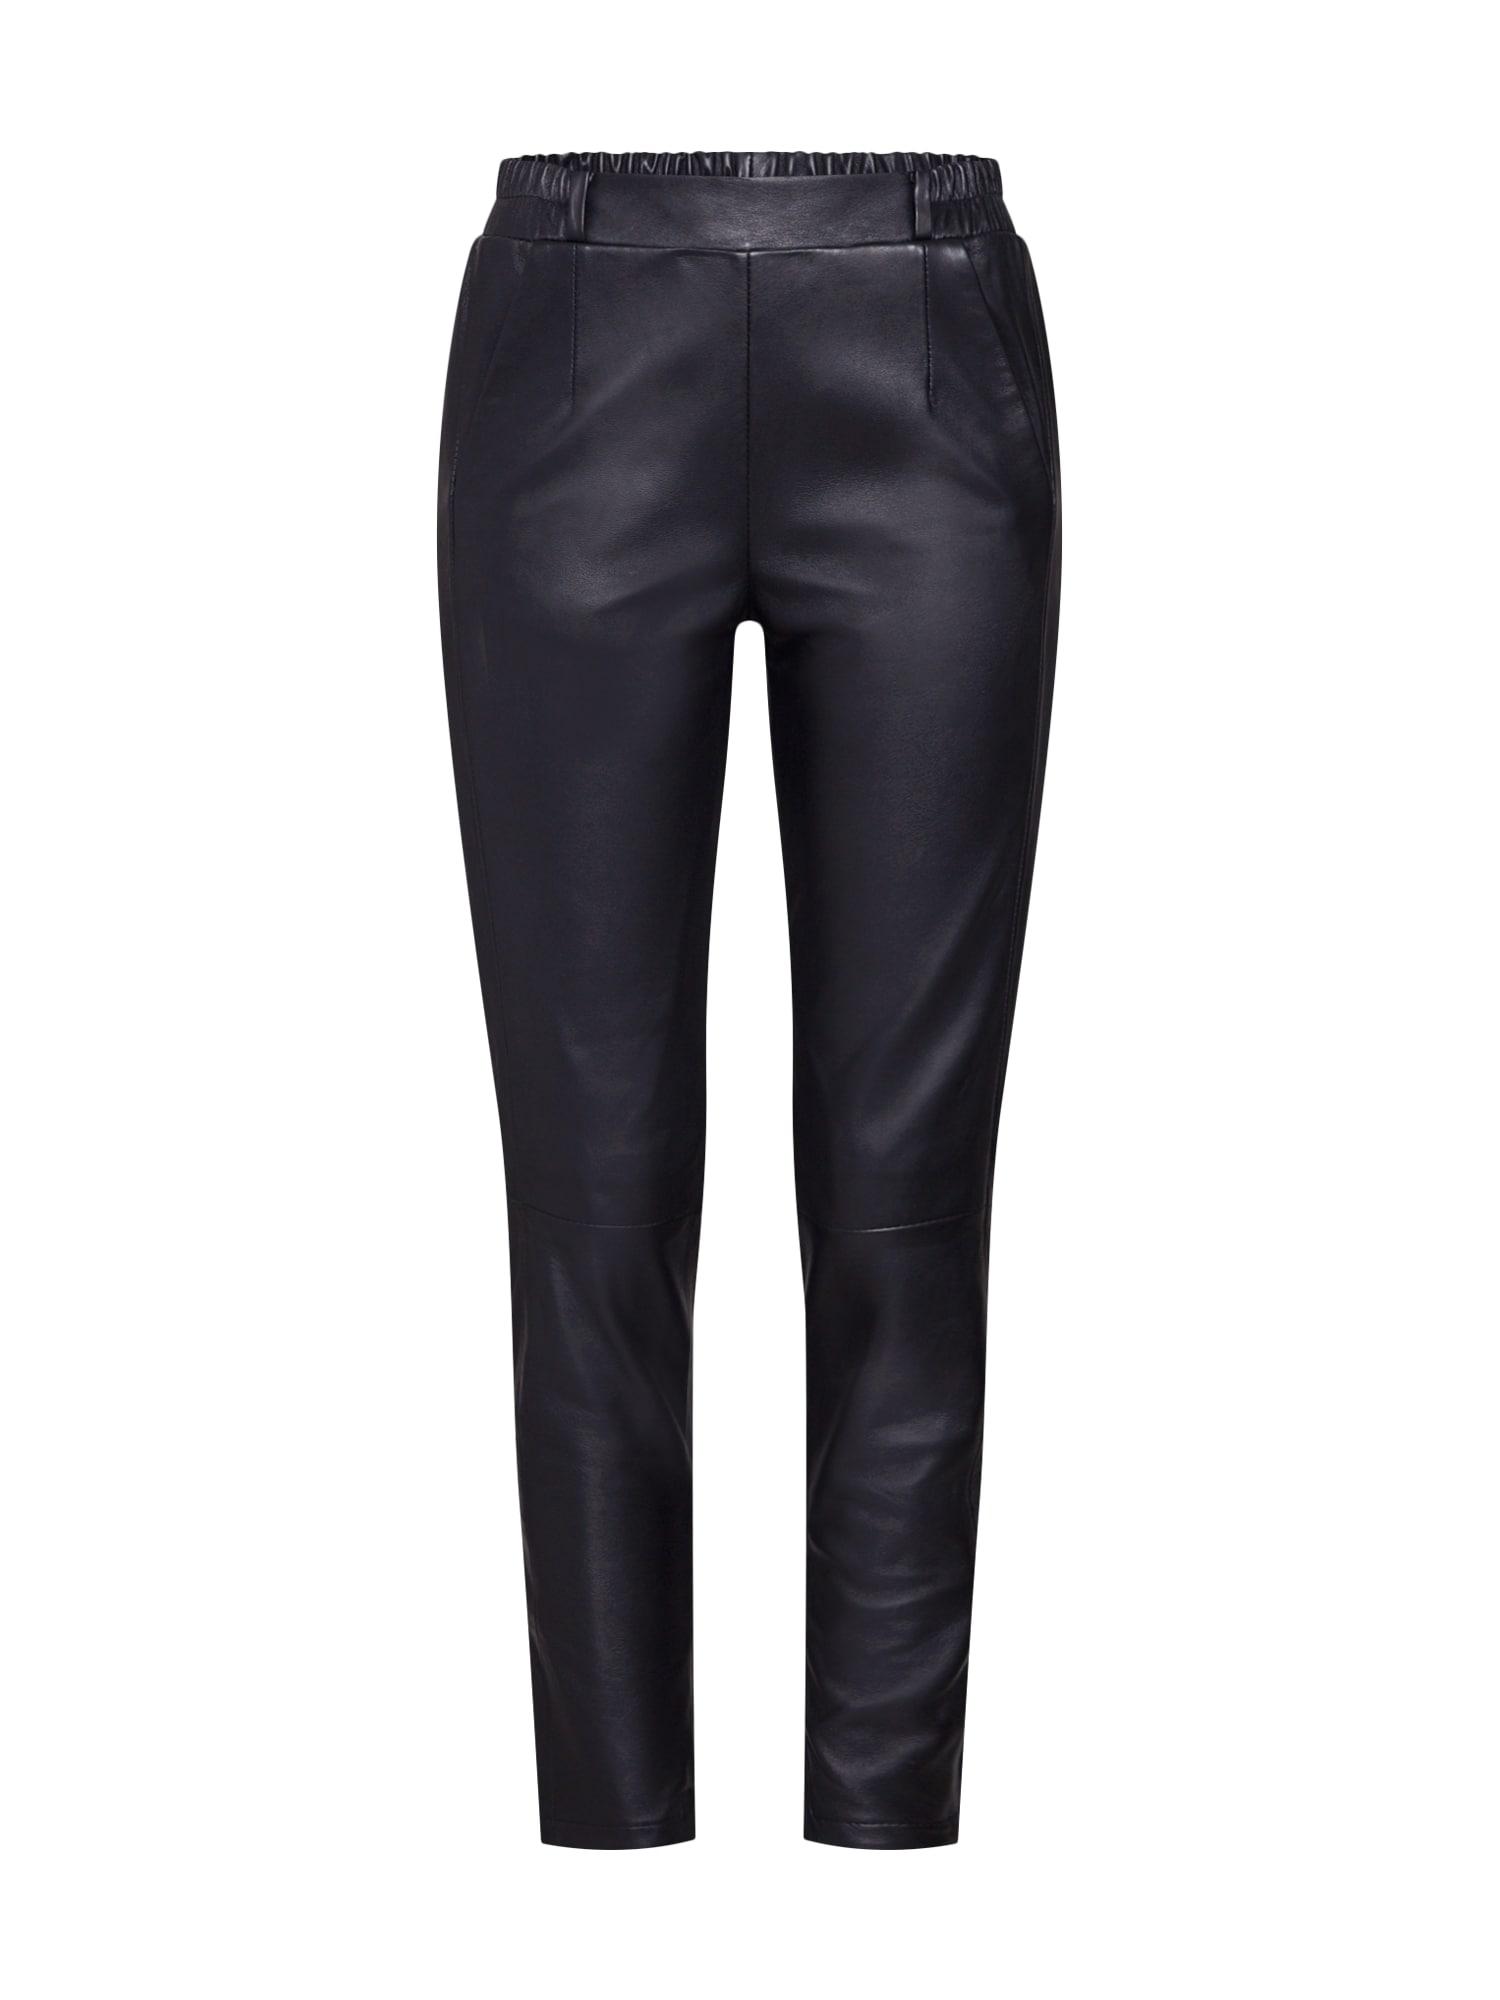 Kalhoty Bellissima černá OAKWOOD